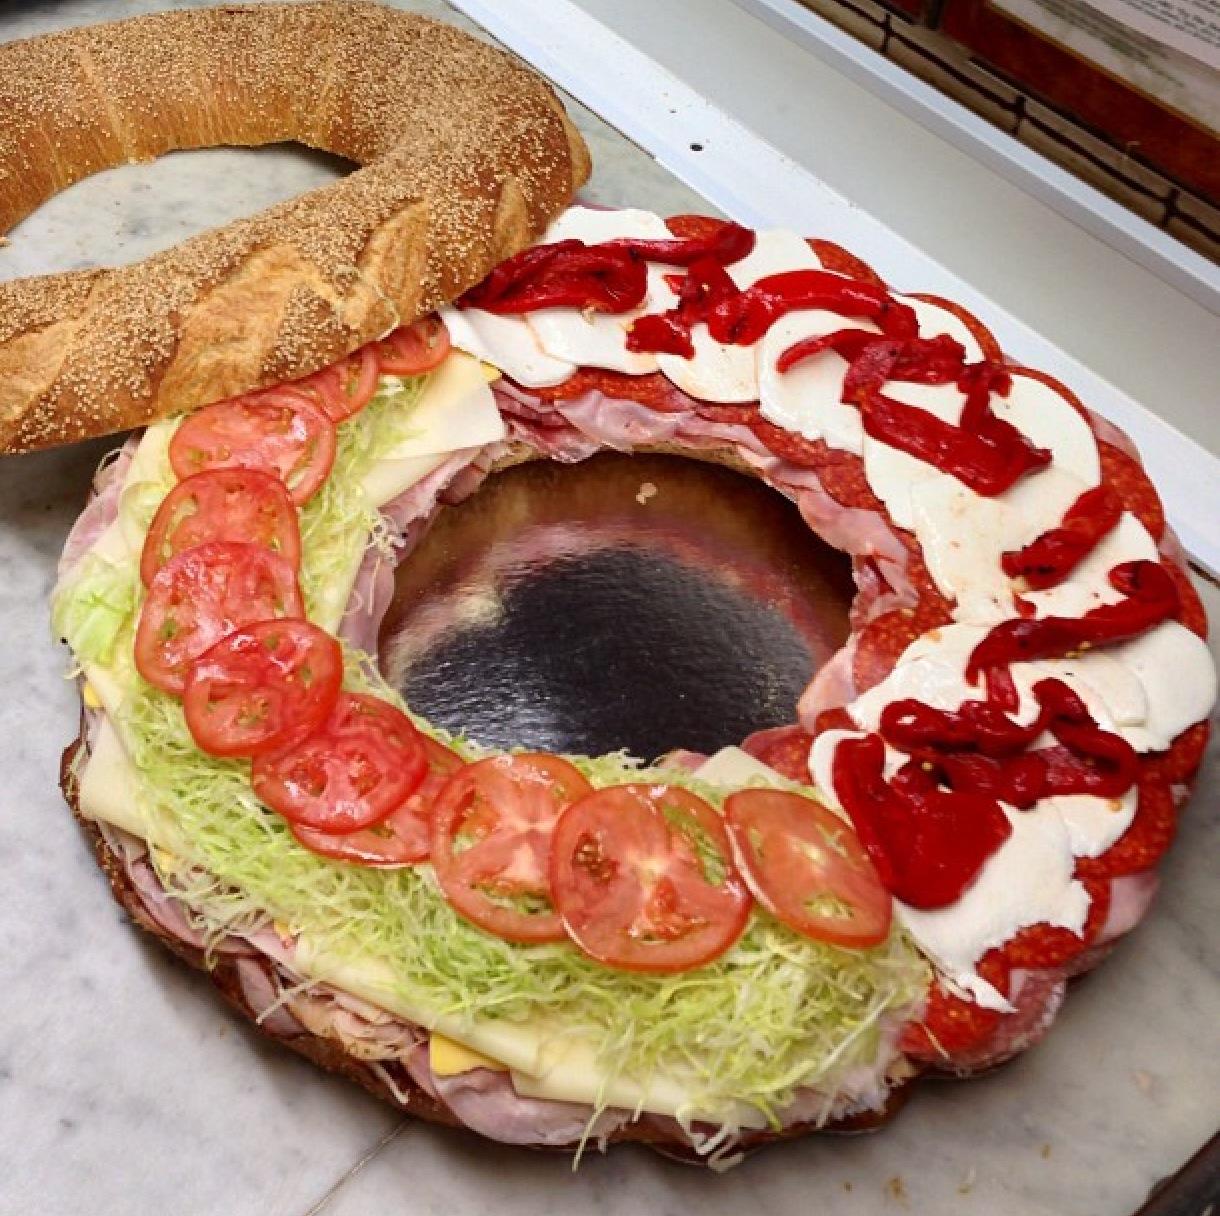 Italian/American Bagel Wheel from @lioniheroes in Brooklyn, NY